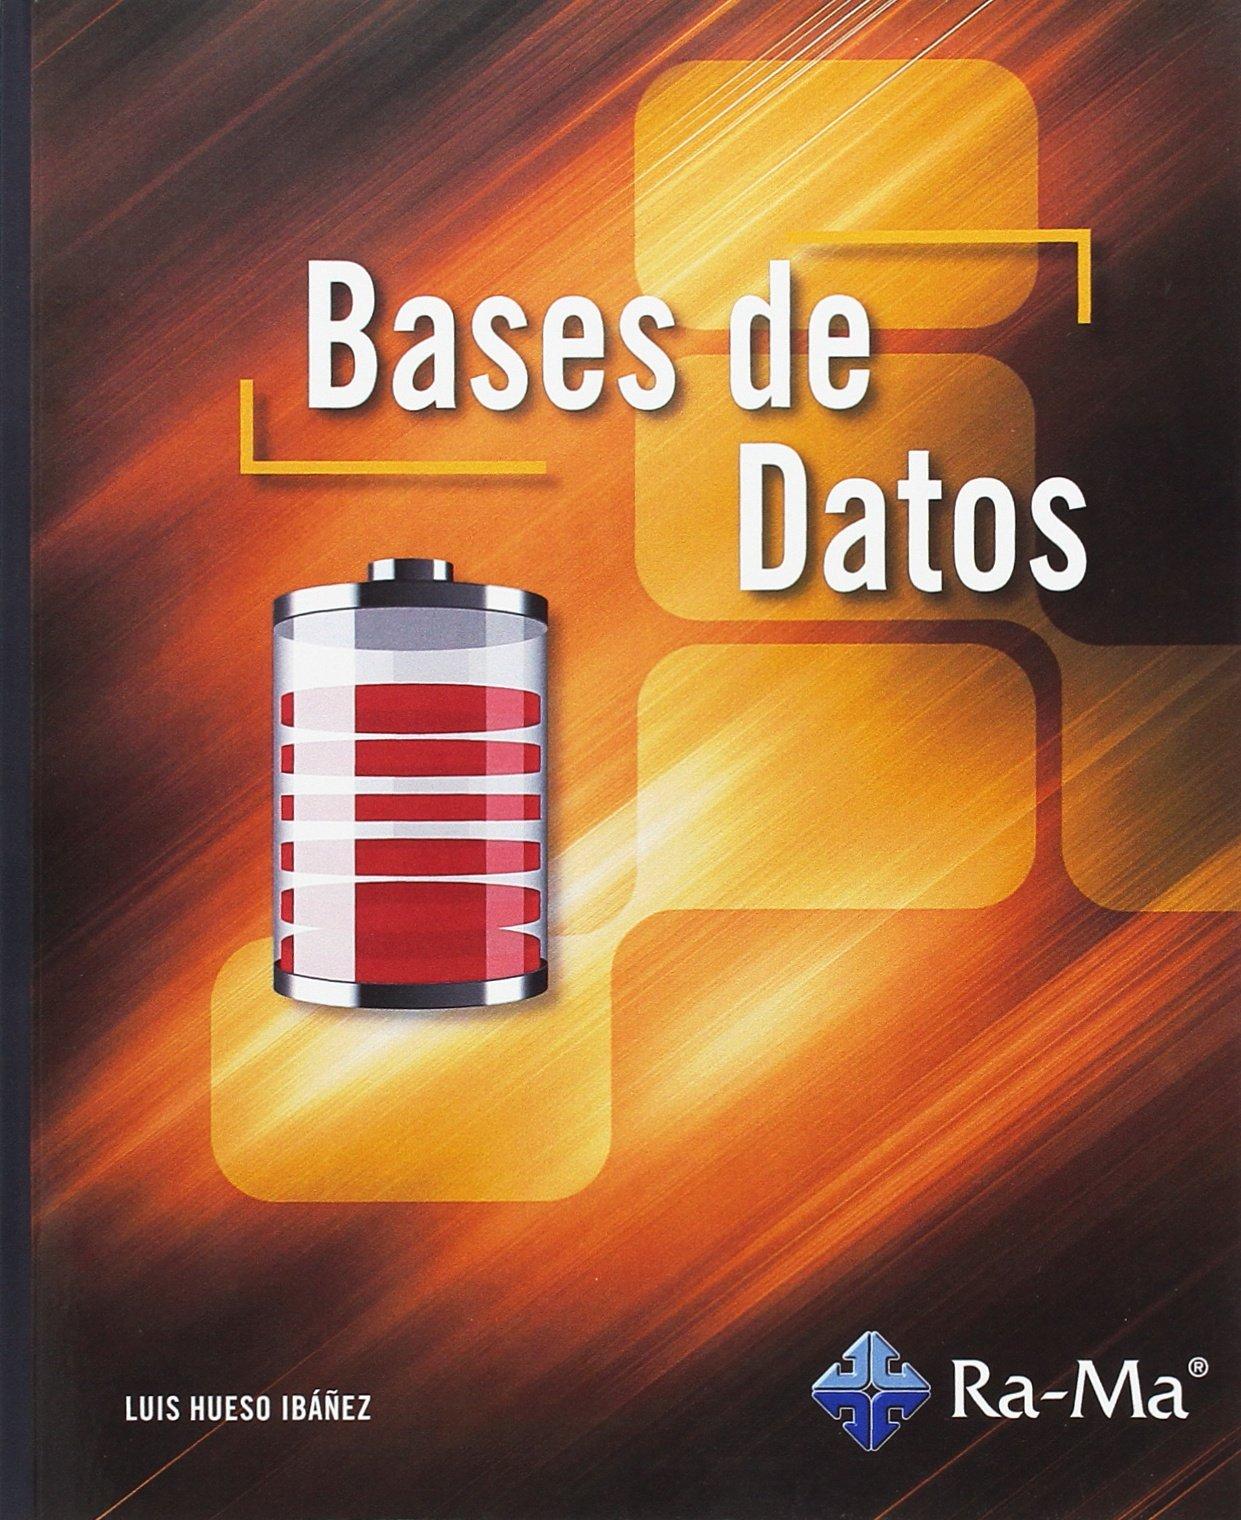 Bases de Datos (GRADO SUPERIOR) Tapa blanda – 30 may 2012 Luis Hueso Ibáñez Galindo 8499641571 Database design & theory SAP (Systems